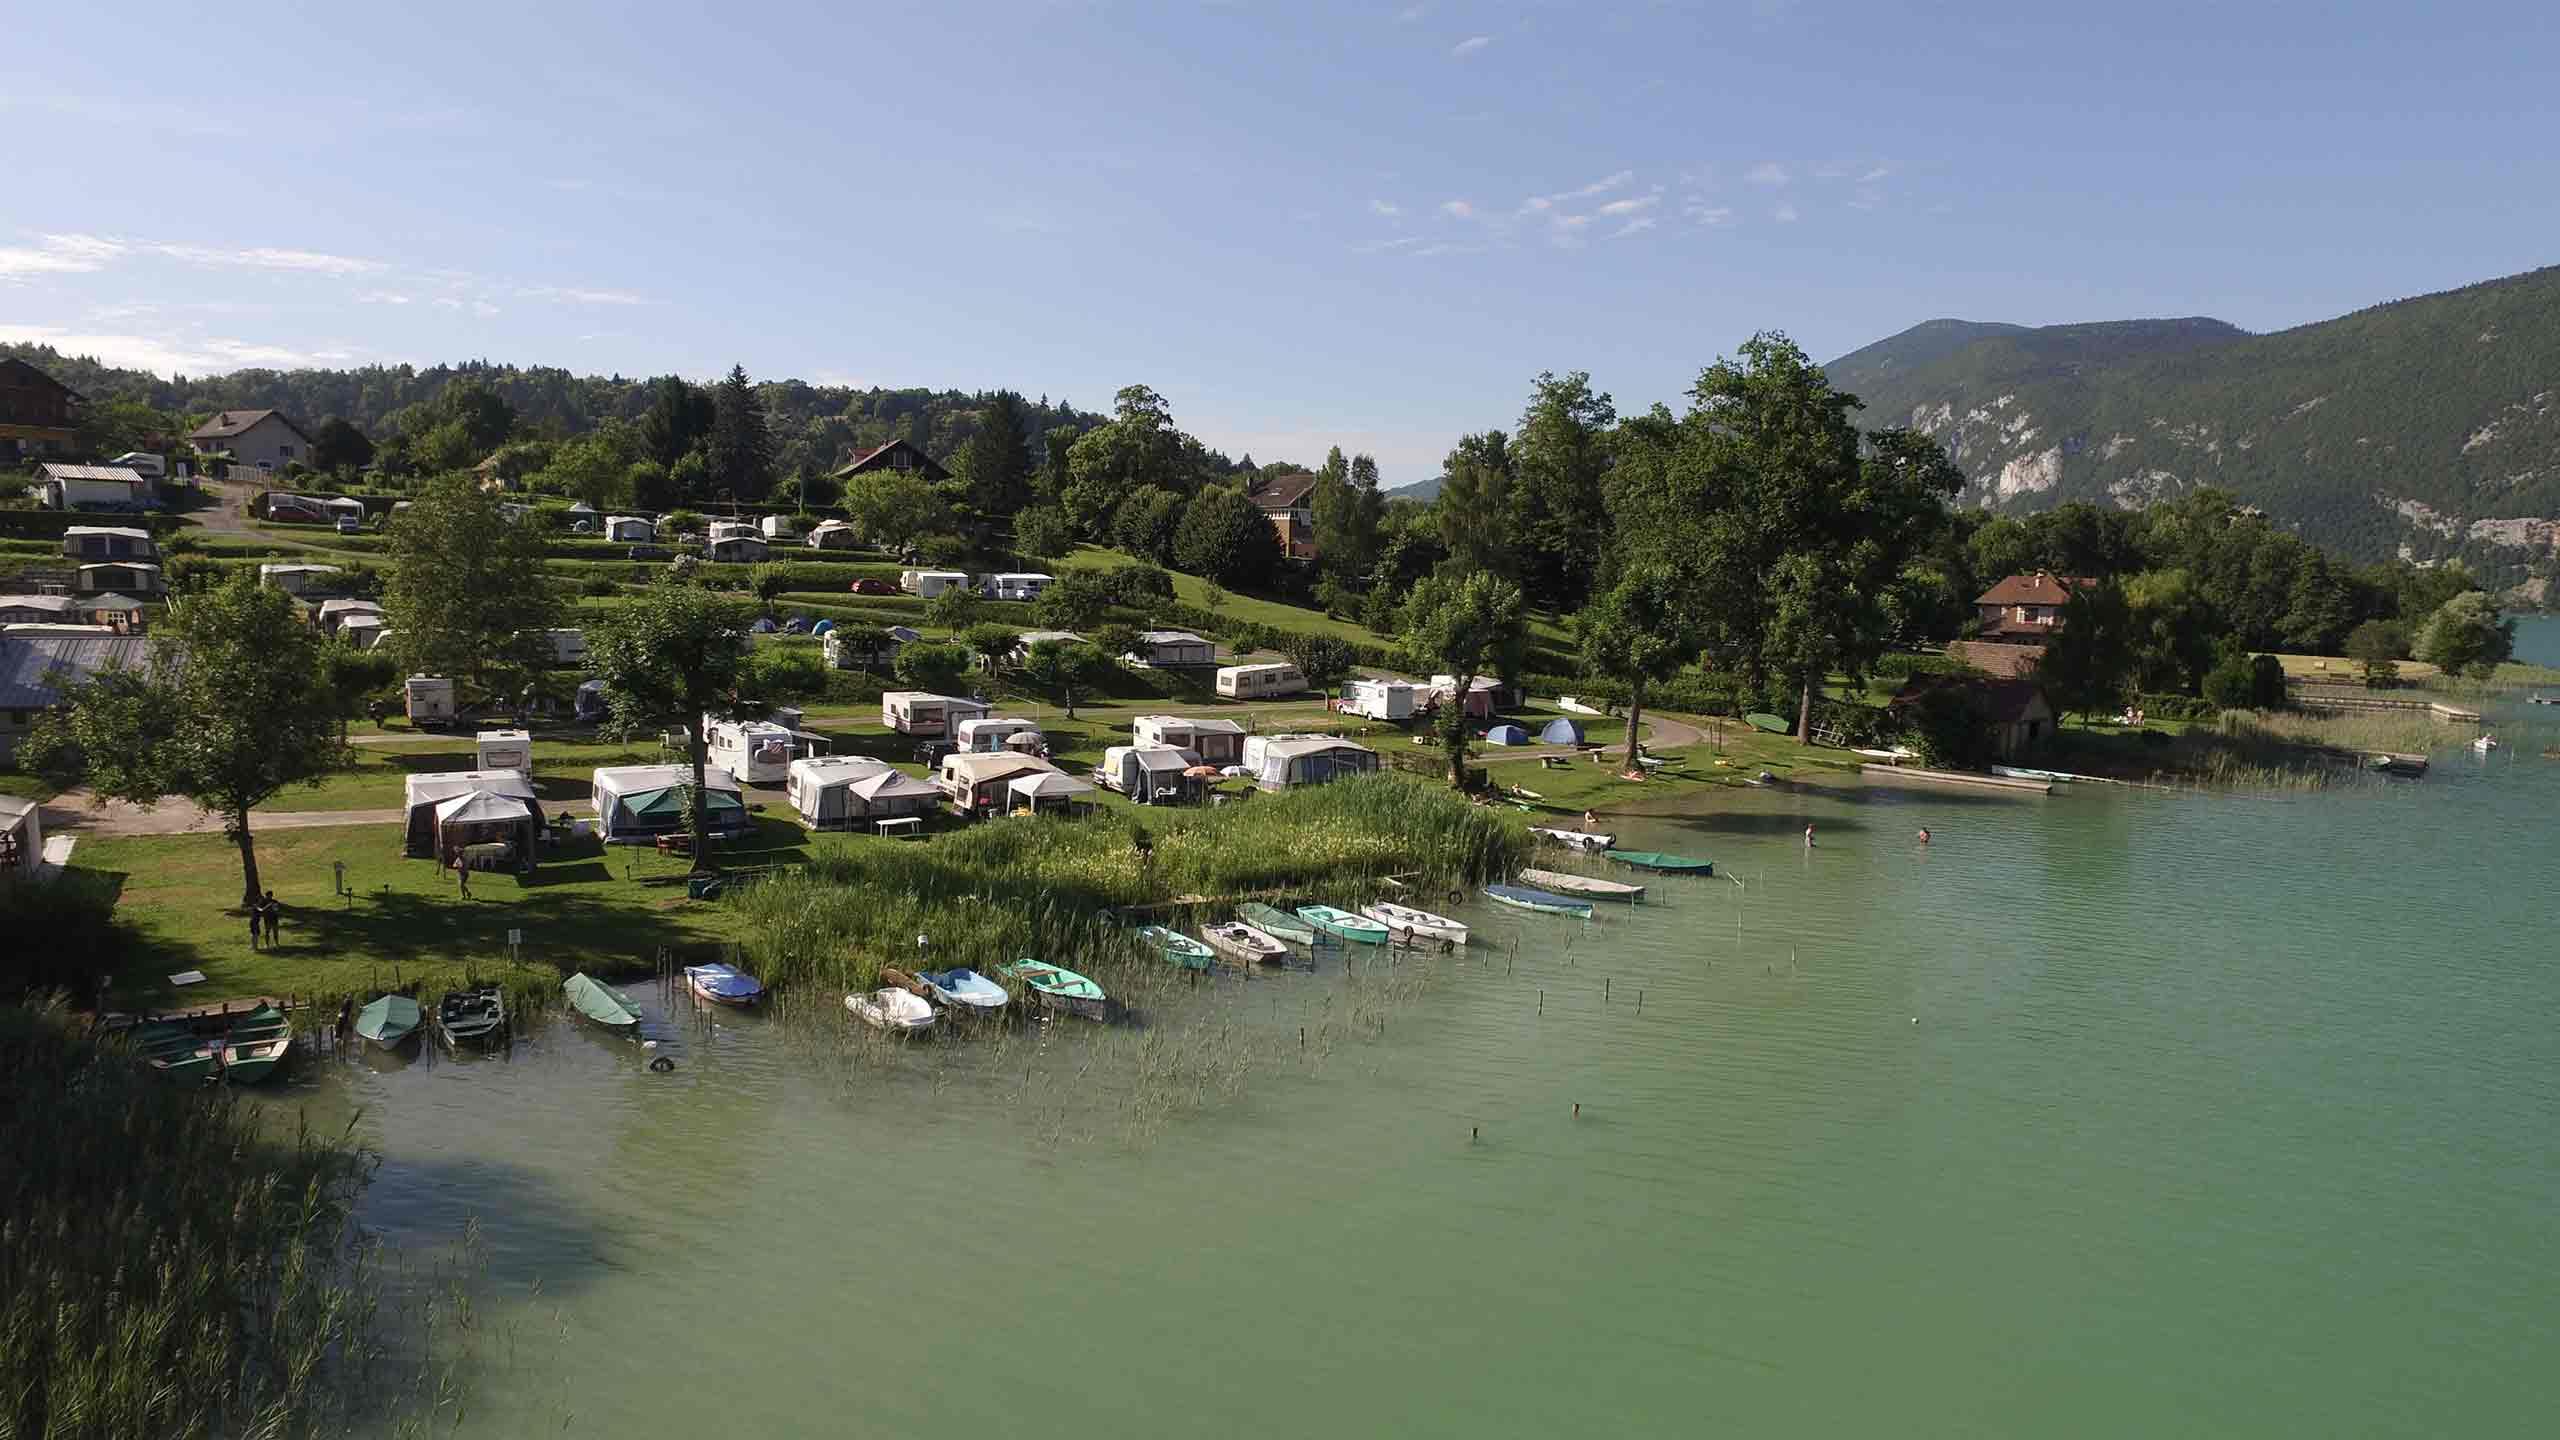 cette image represente une vue aérienne du camping bellevue au bord du lac d'Aiguebelette